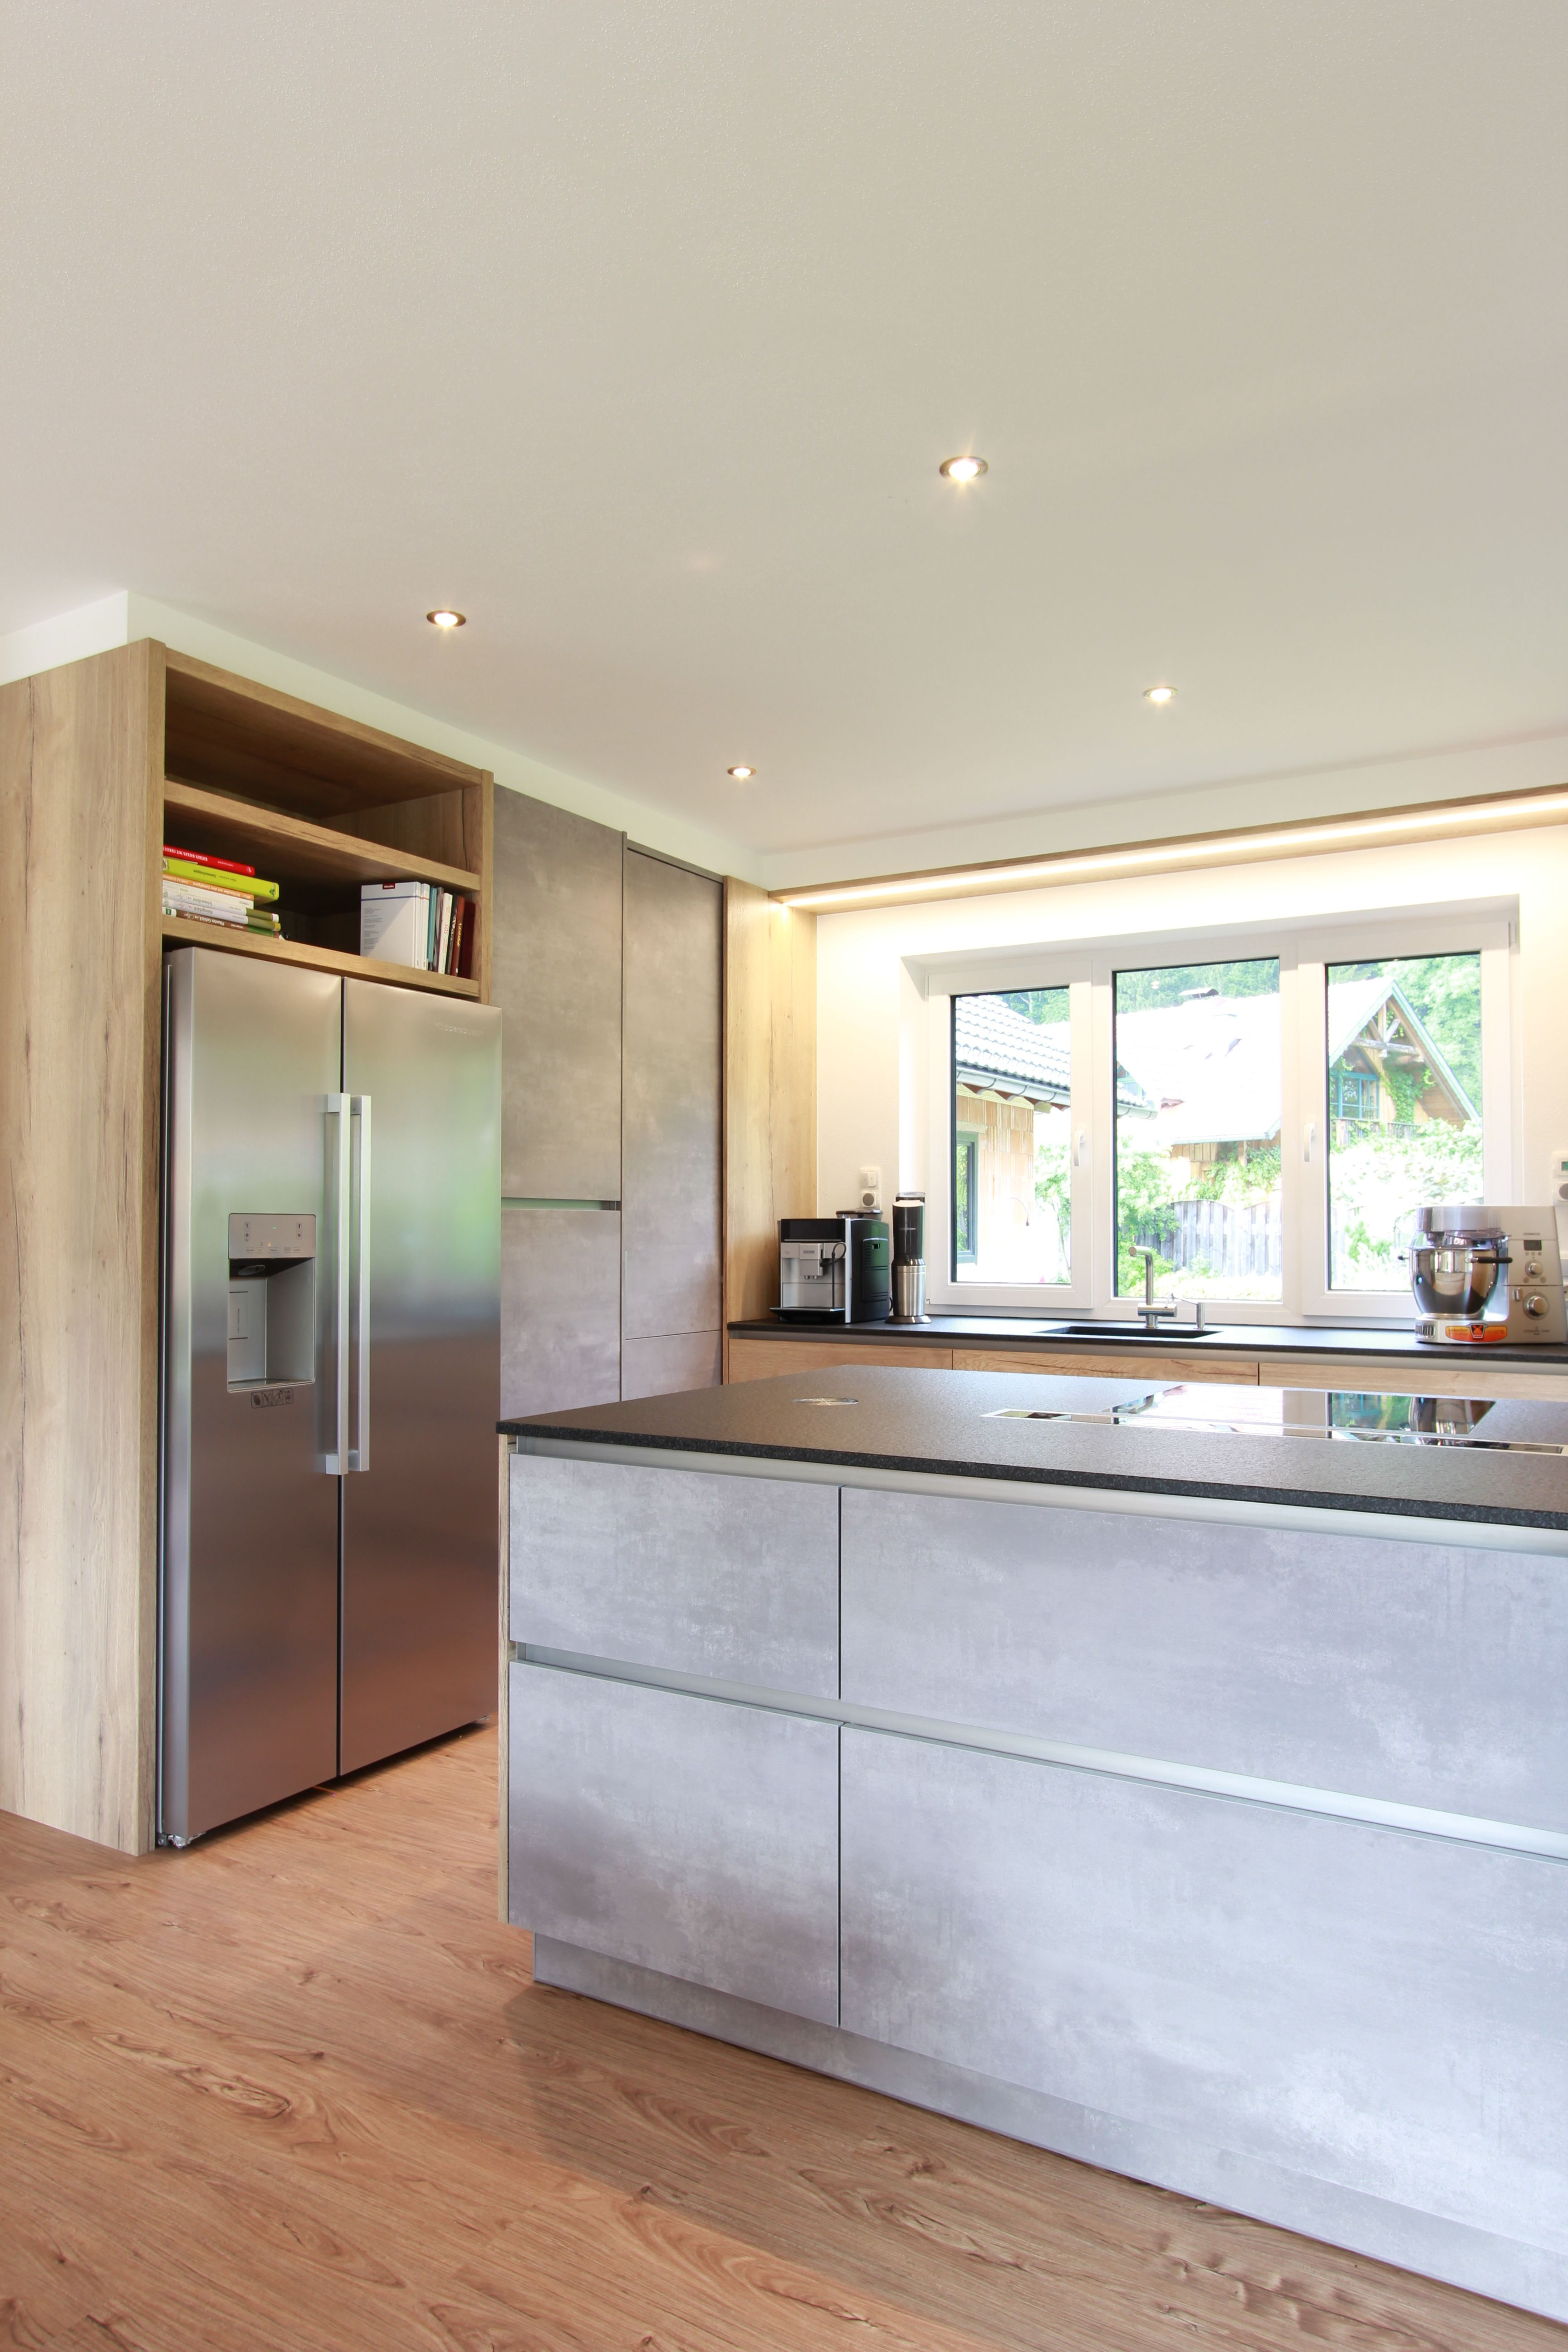 Küche in Beton-Optik mit freistehendem amerikanischem Kühlschrank ...